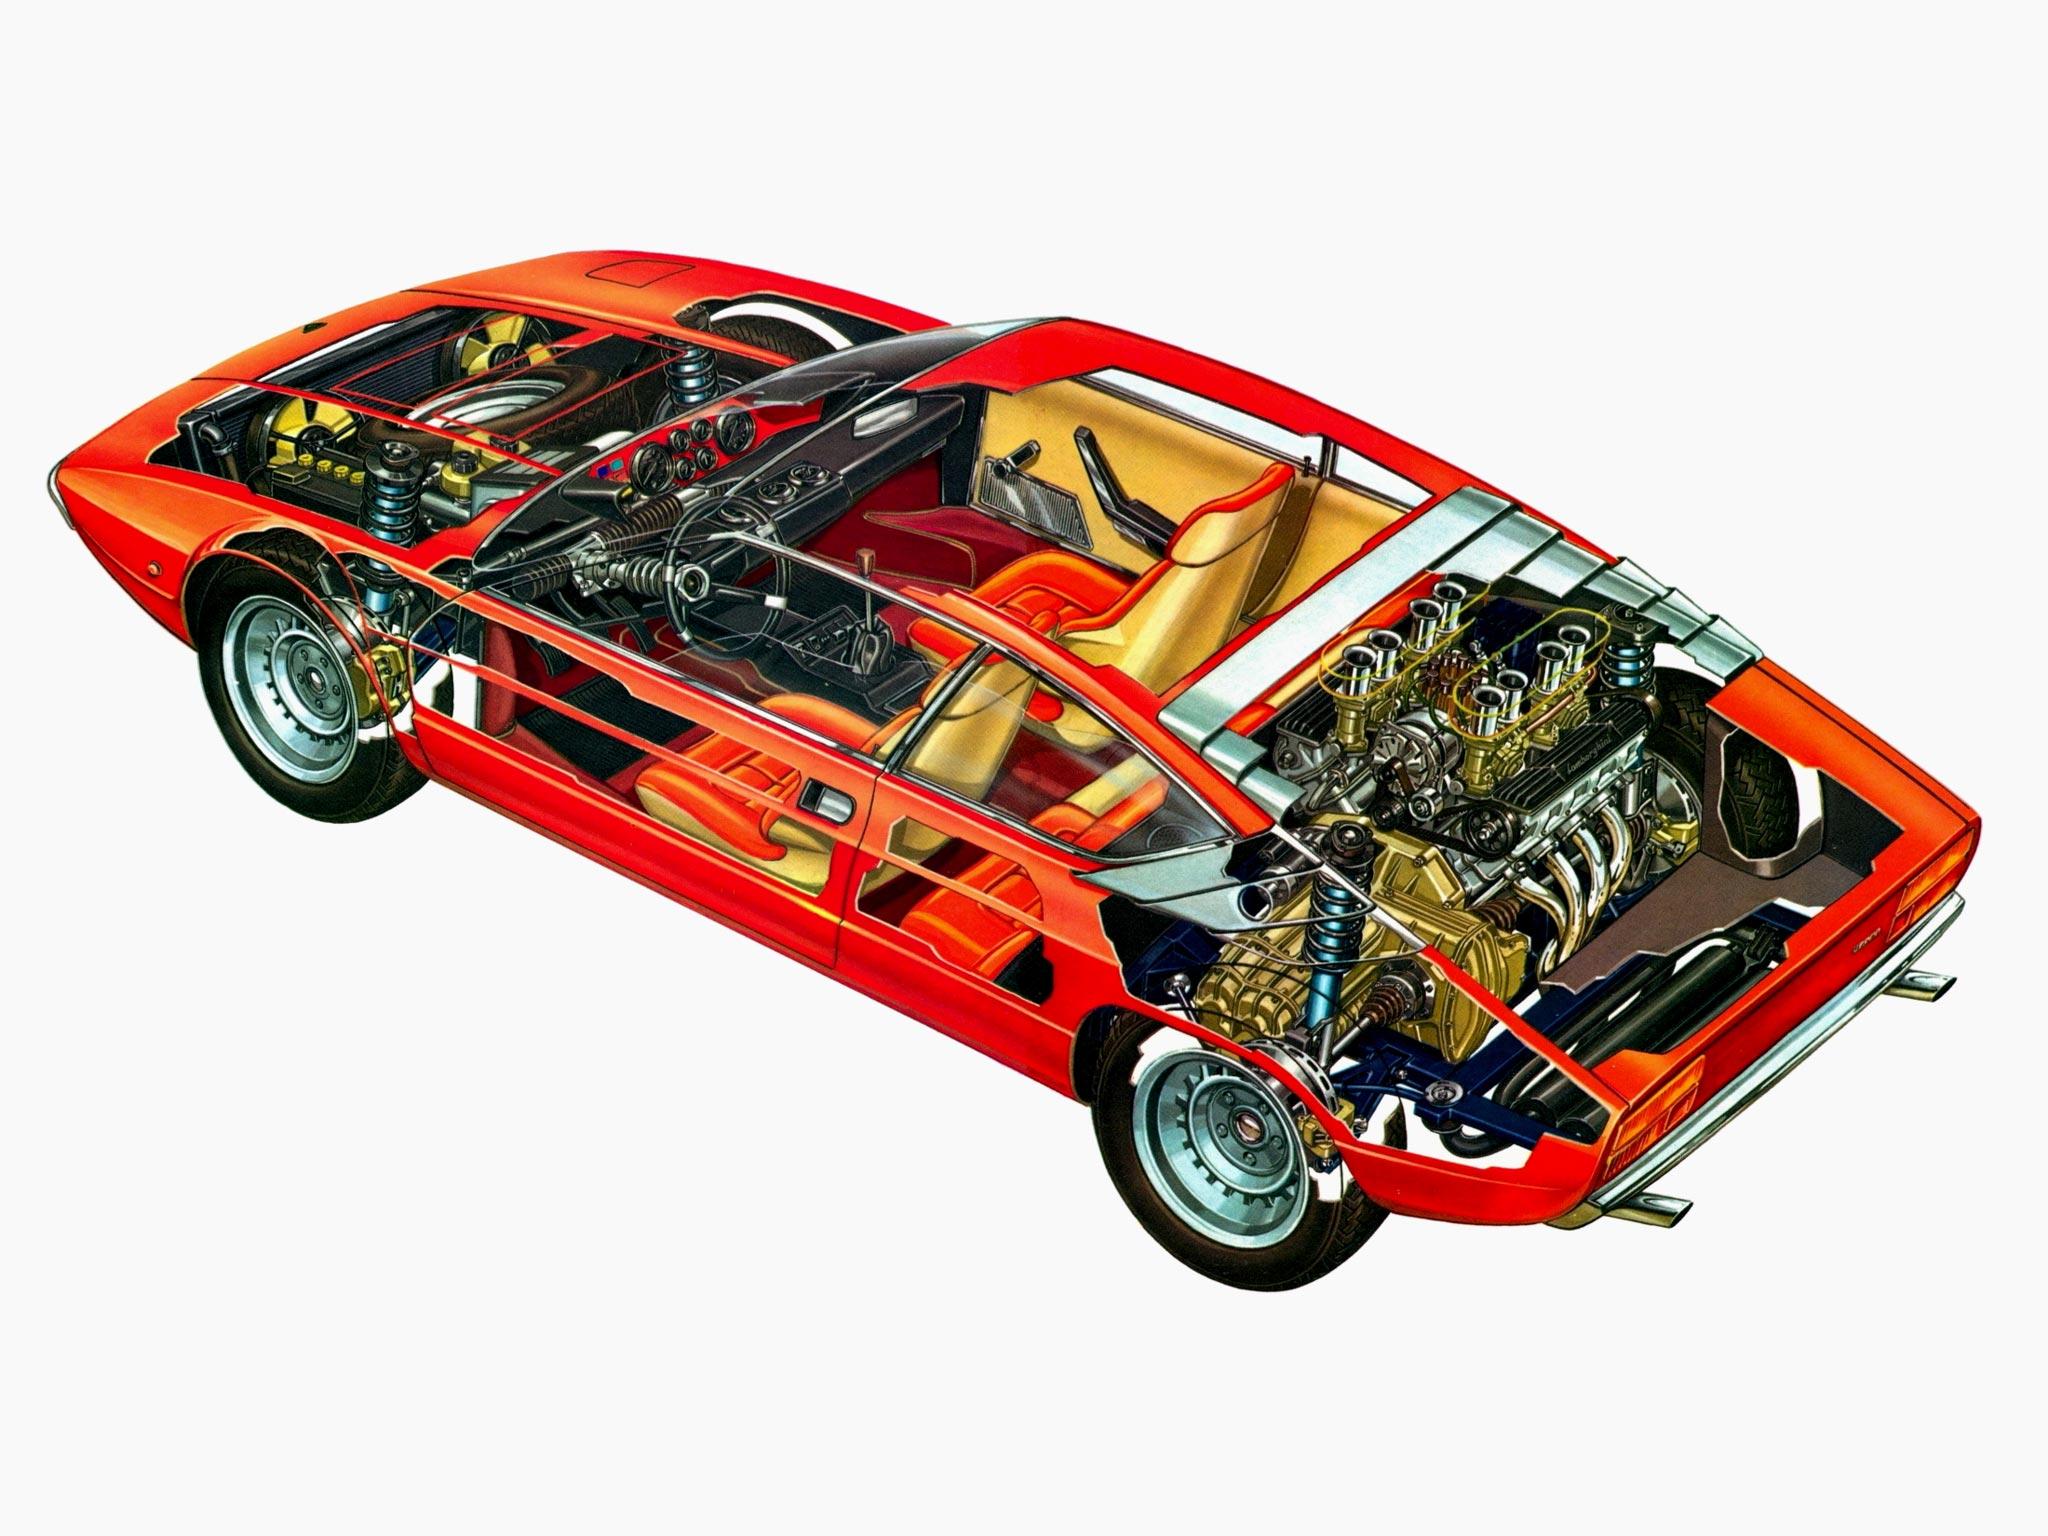 Lamborghini Urraco cutaway drawing